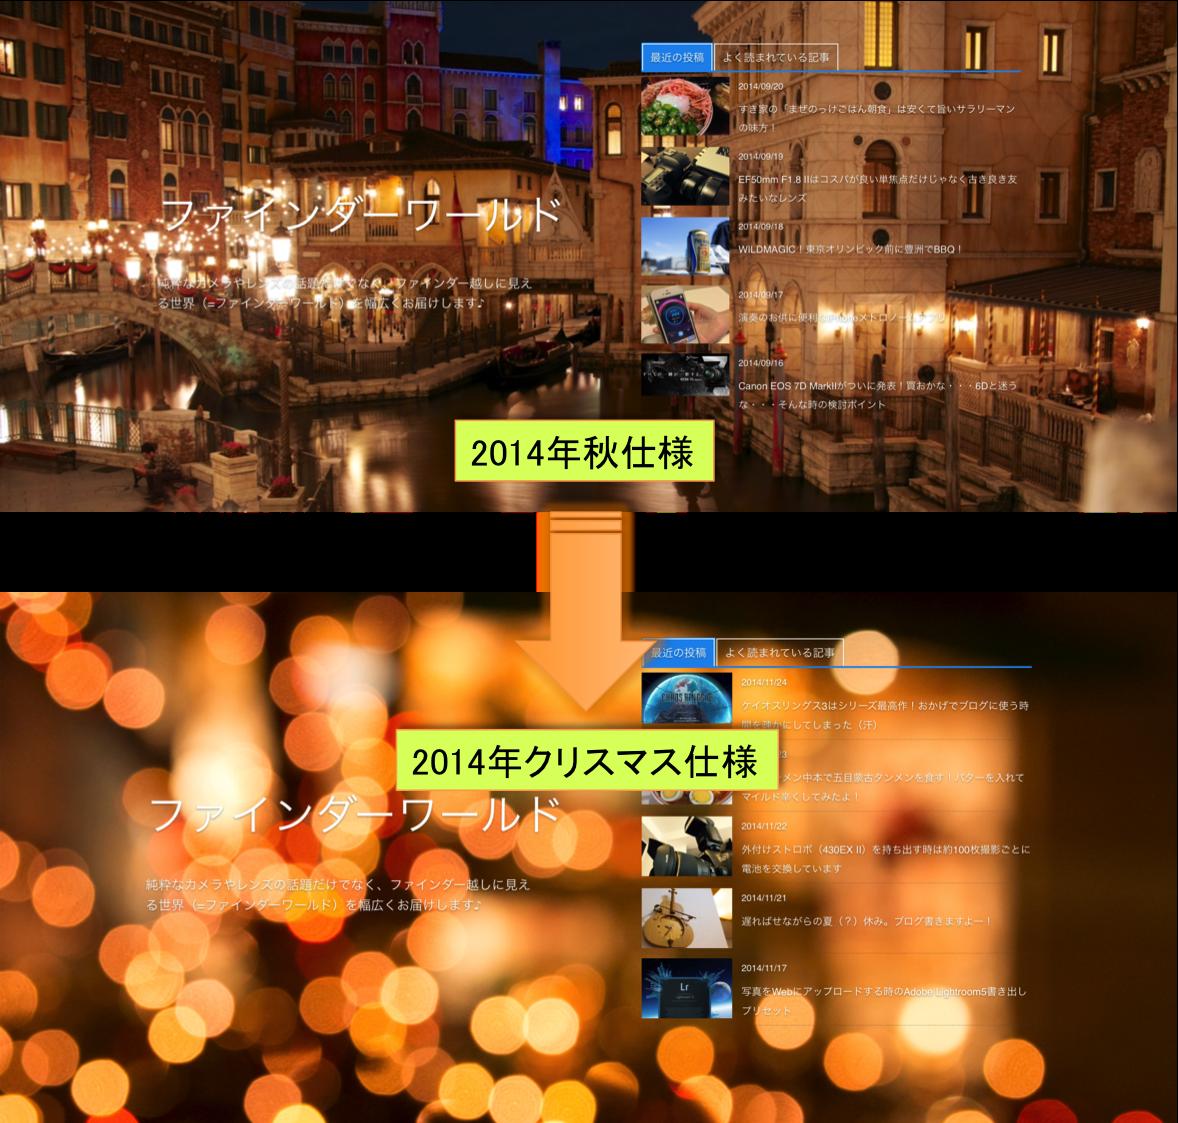 (2014秋→クリスマス仕様に衣替え♪)DigiPressの「GRAPHIE」でブログテーマの季節を演出